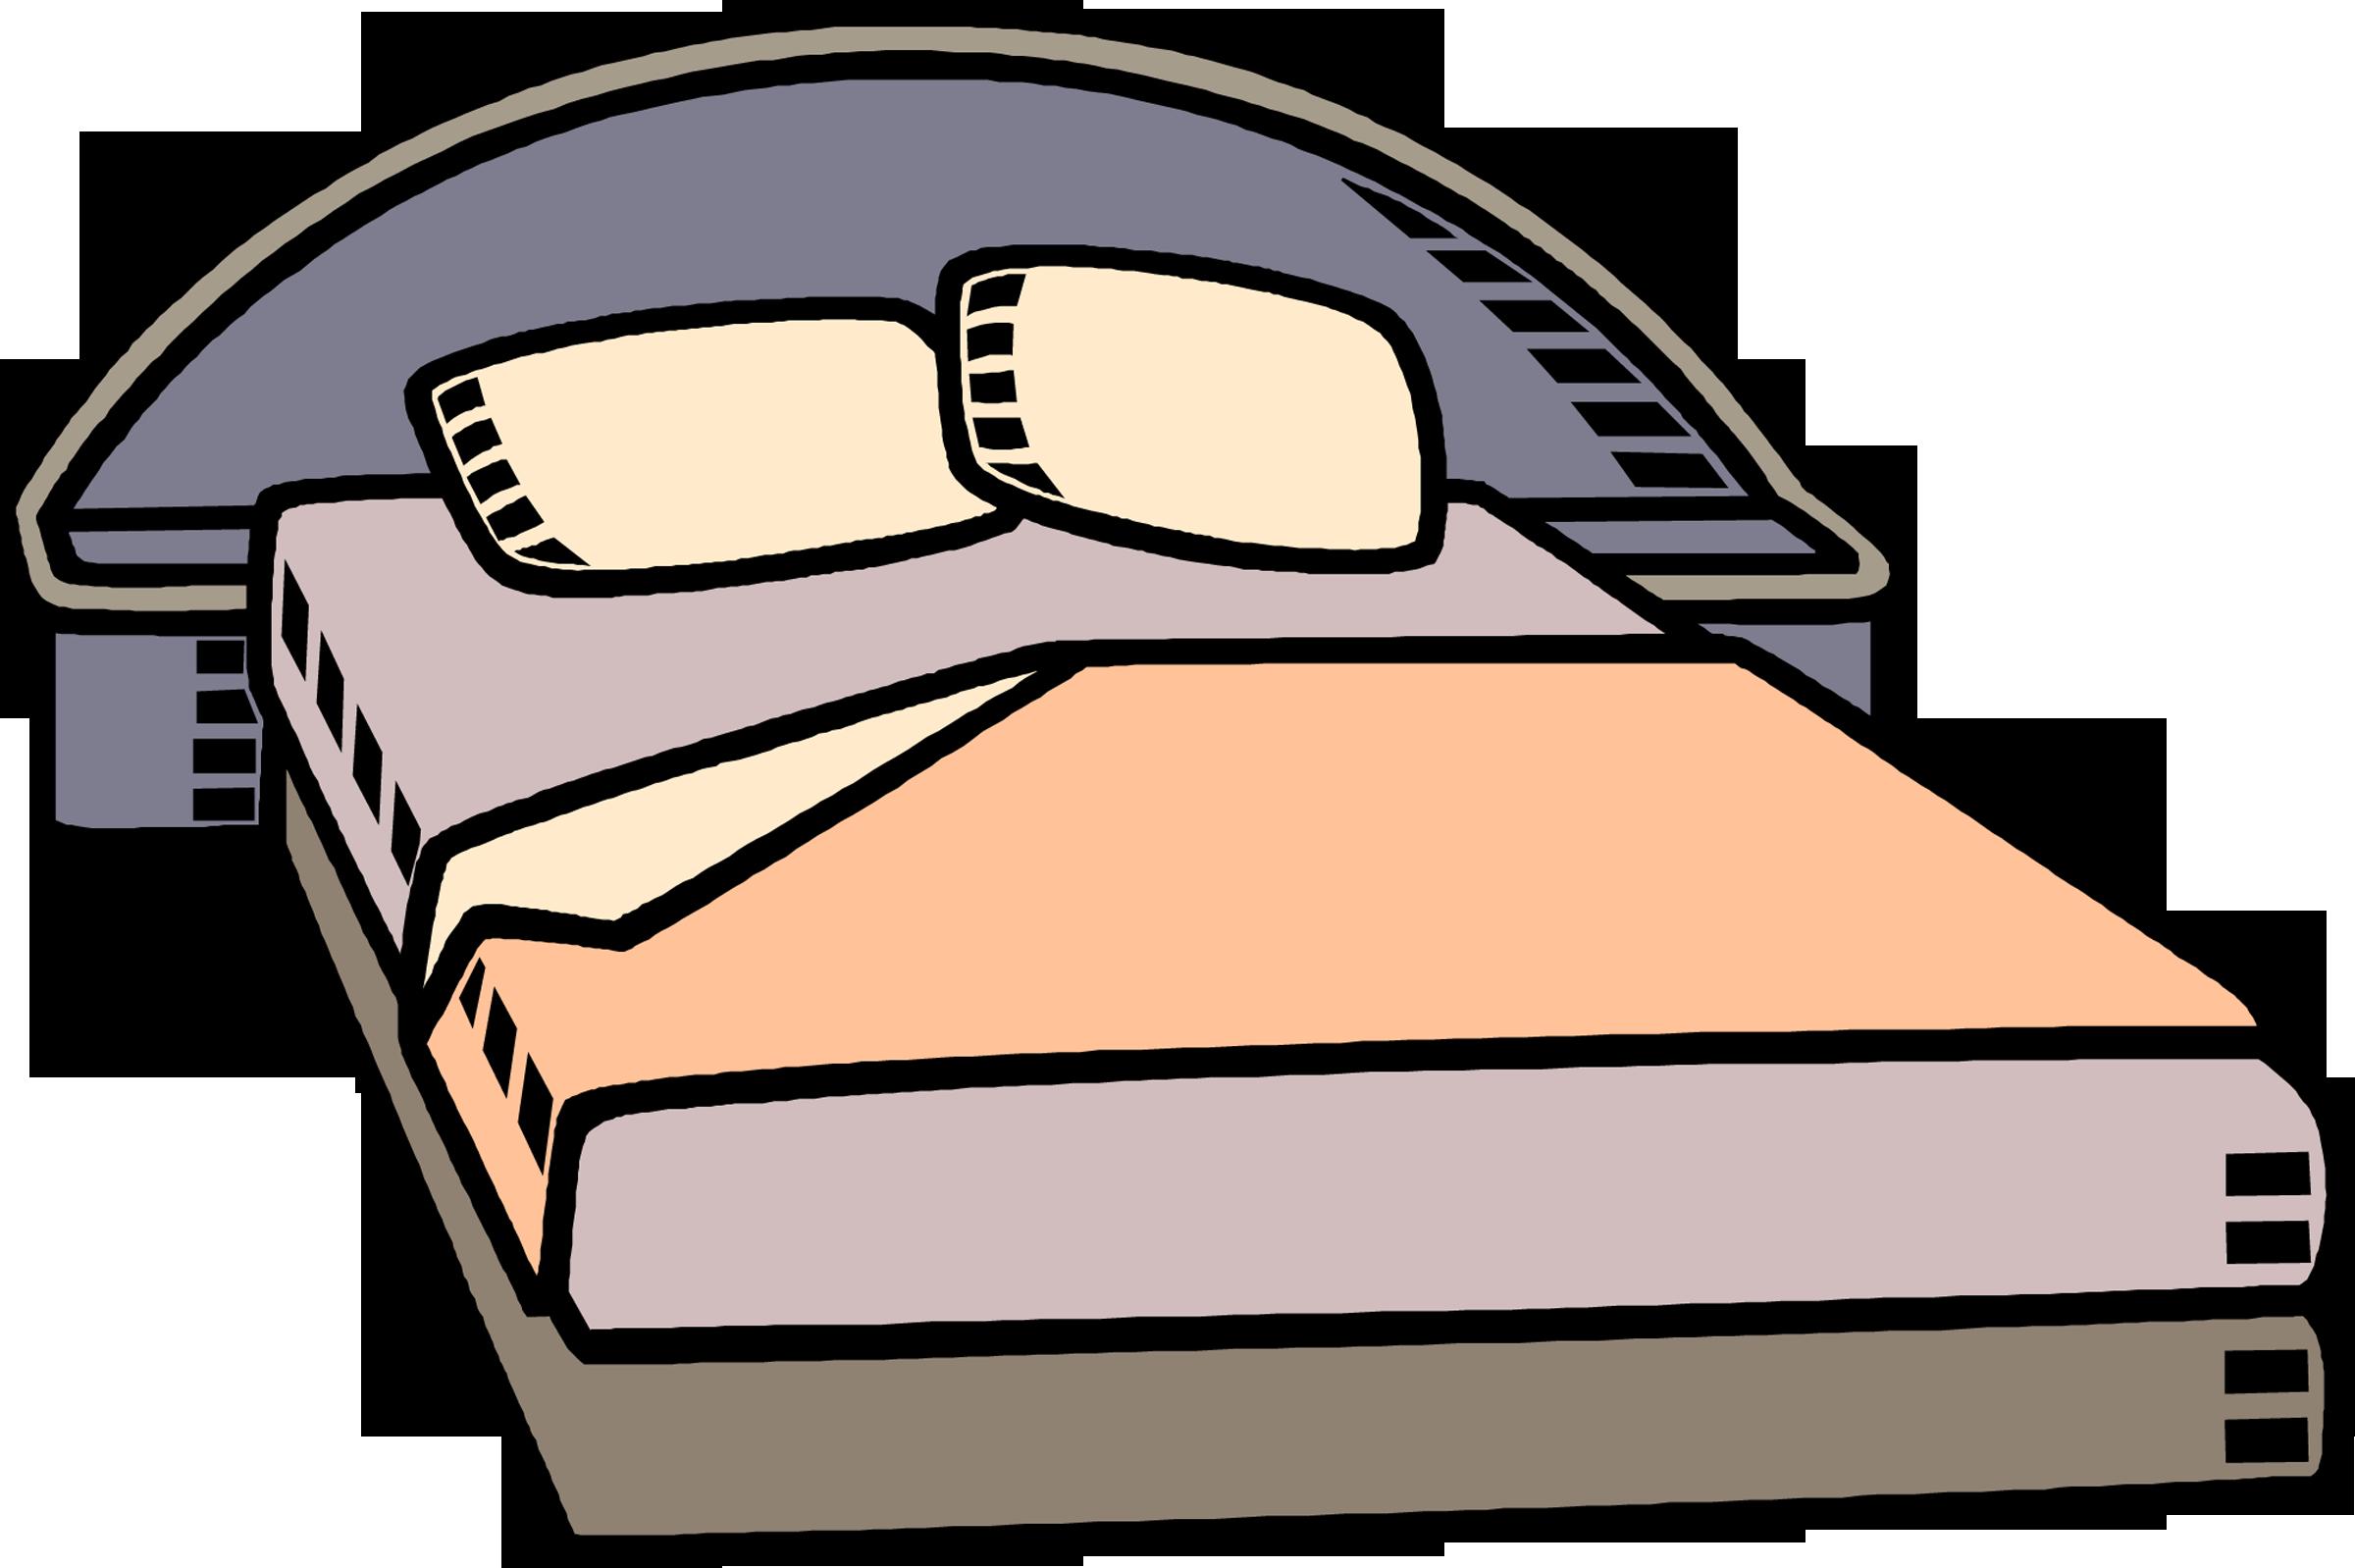 2400x1598 Bed Clip Art Dromgbg Top 2